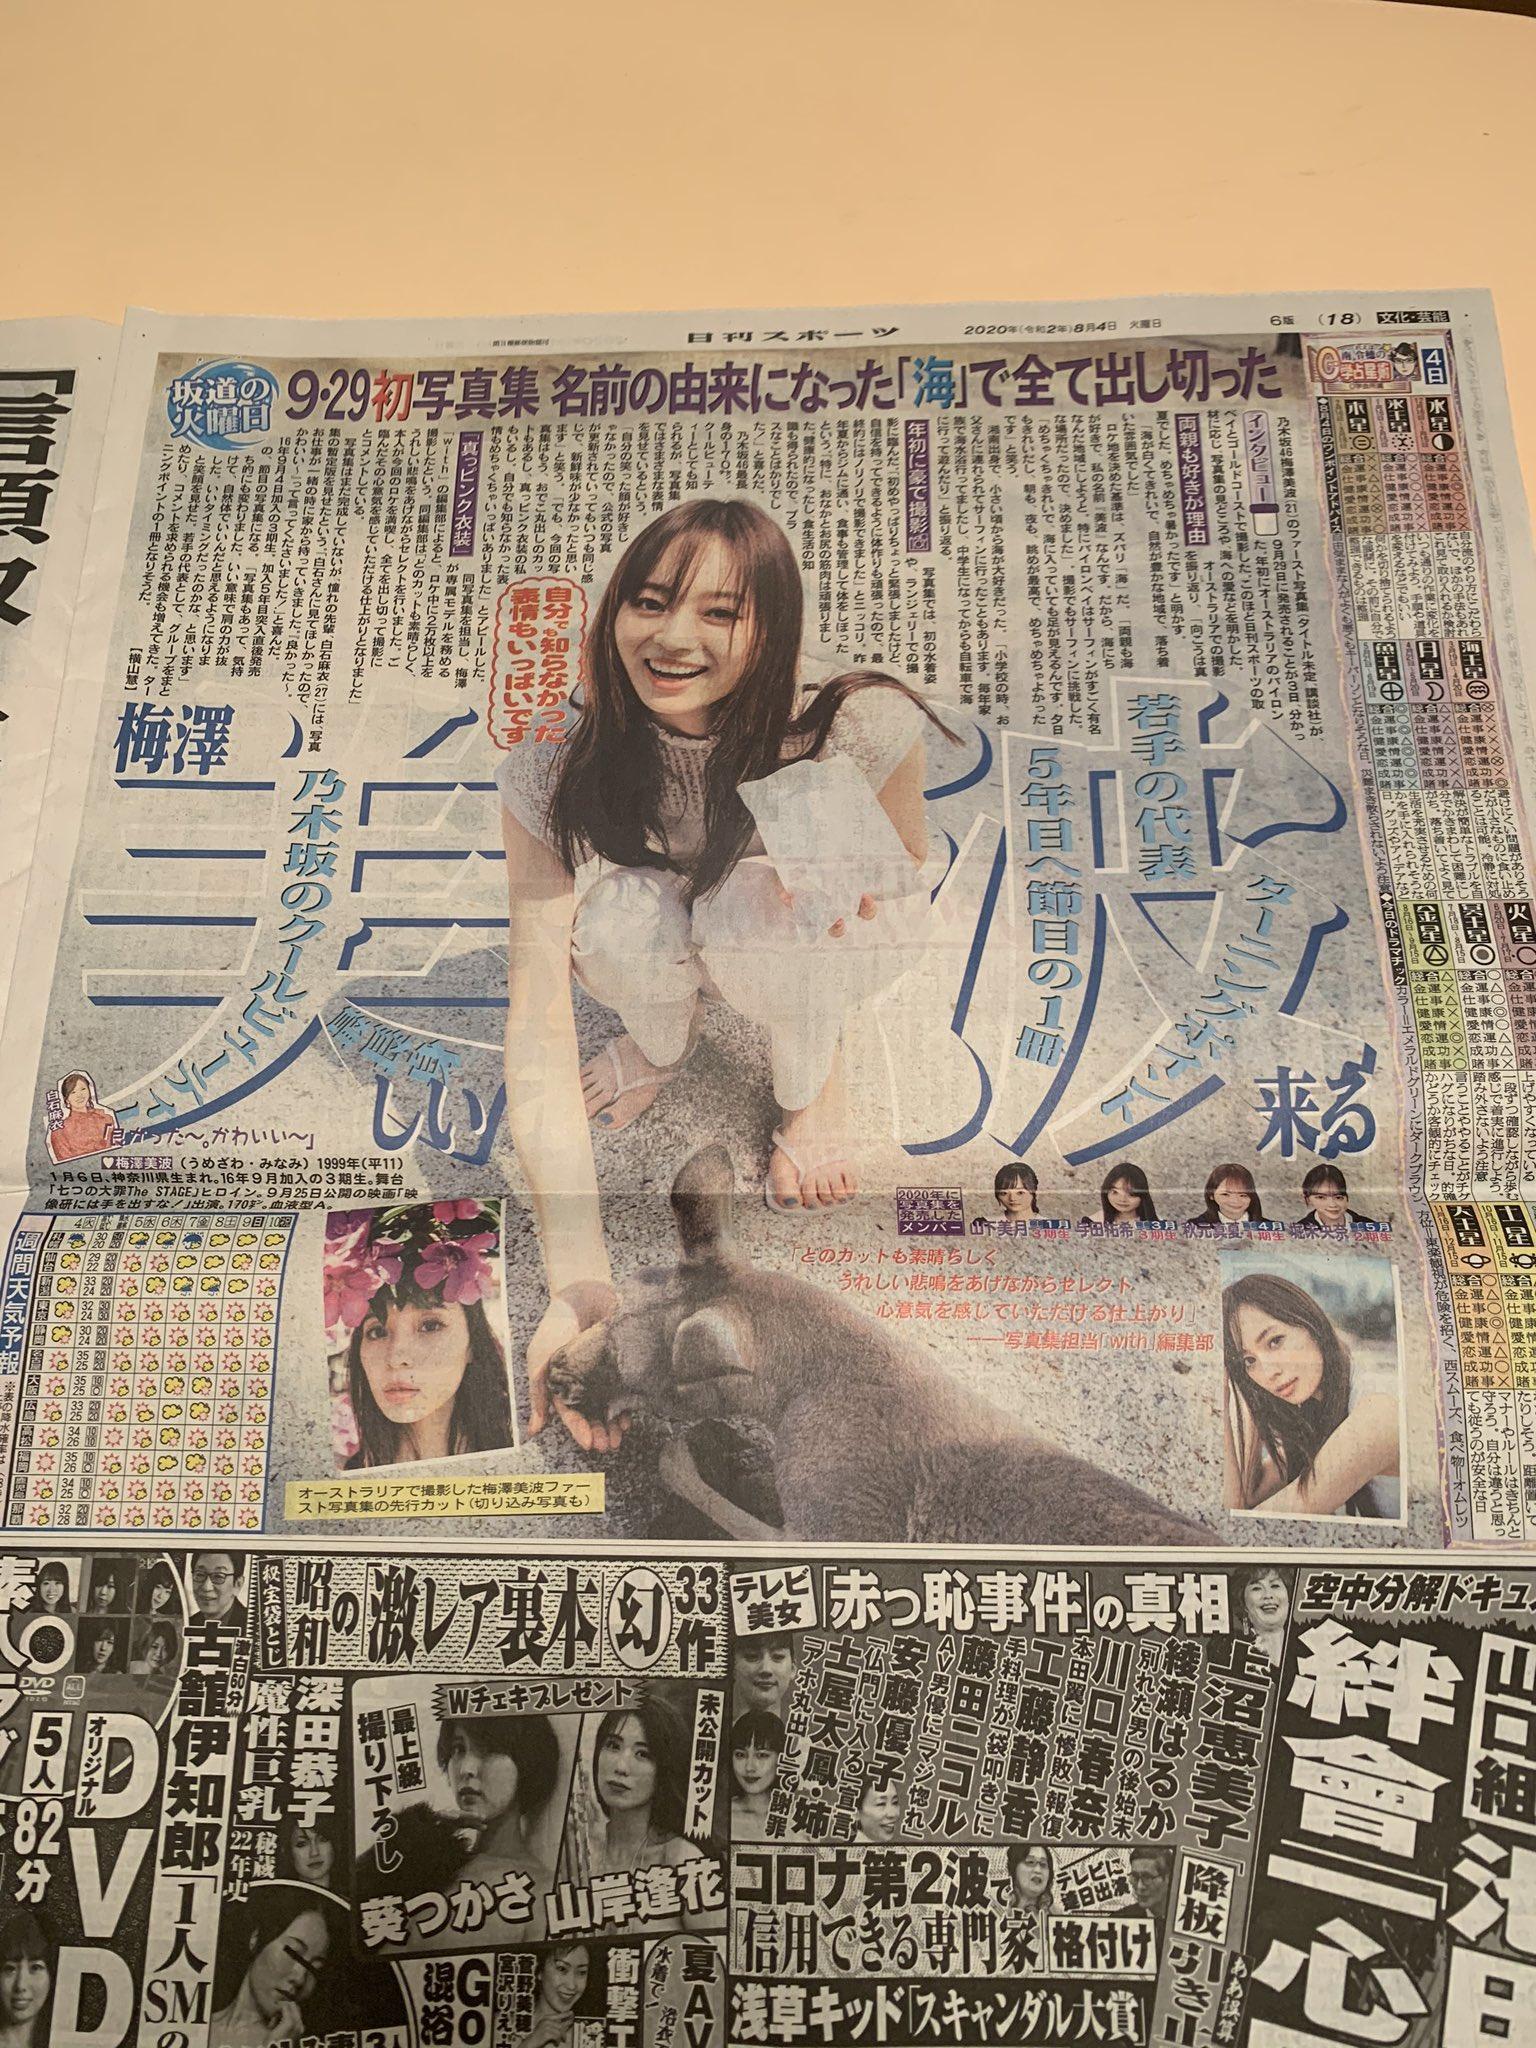 乃木坂46梅澤美波ファースト写真集が9/29に講談社から発売!オーストラリアで撮影